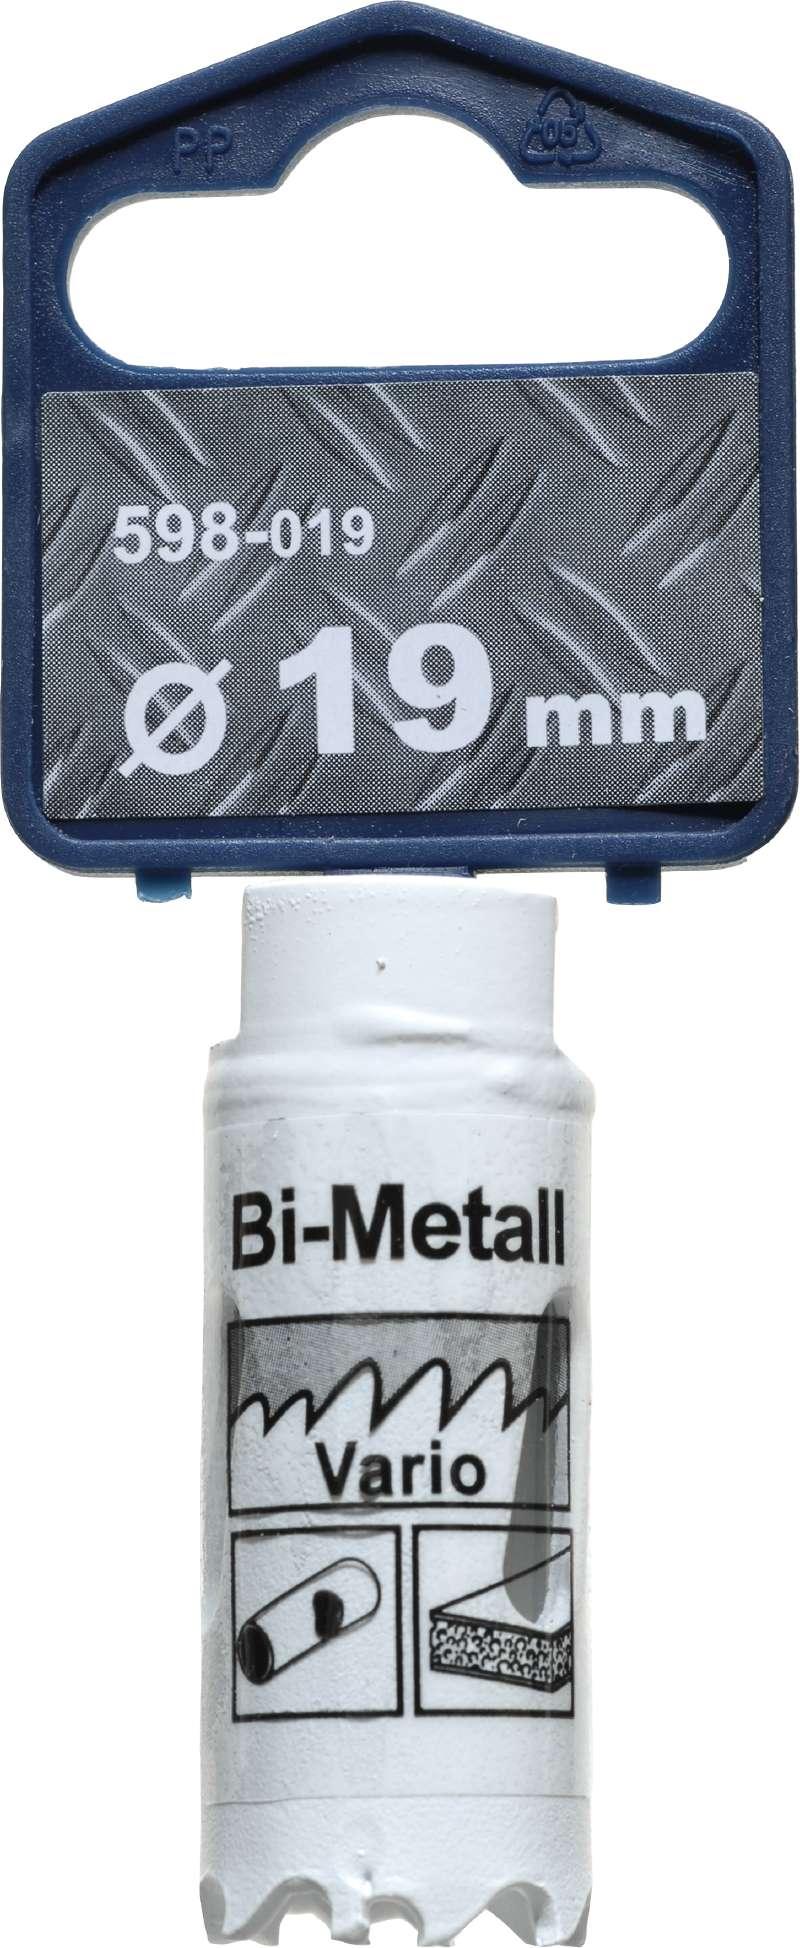 Коронка биметаллическая Kwb 598-019 коронка биметаллическая kwb 598 060